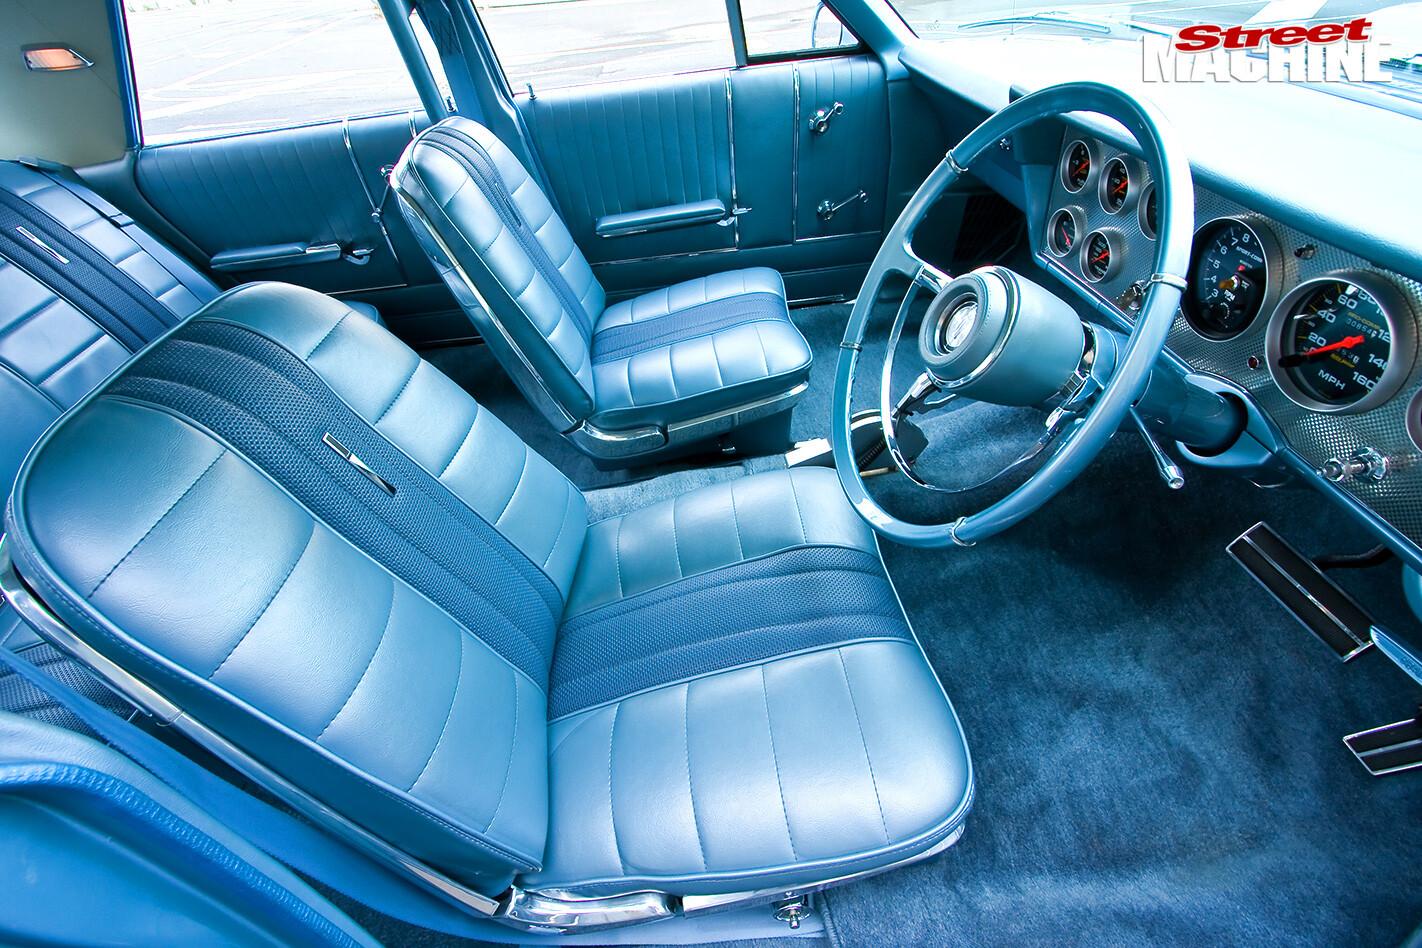 Ford -galaxie -interior